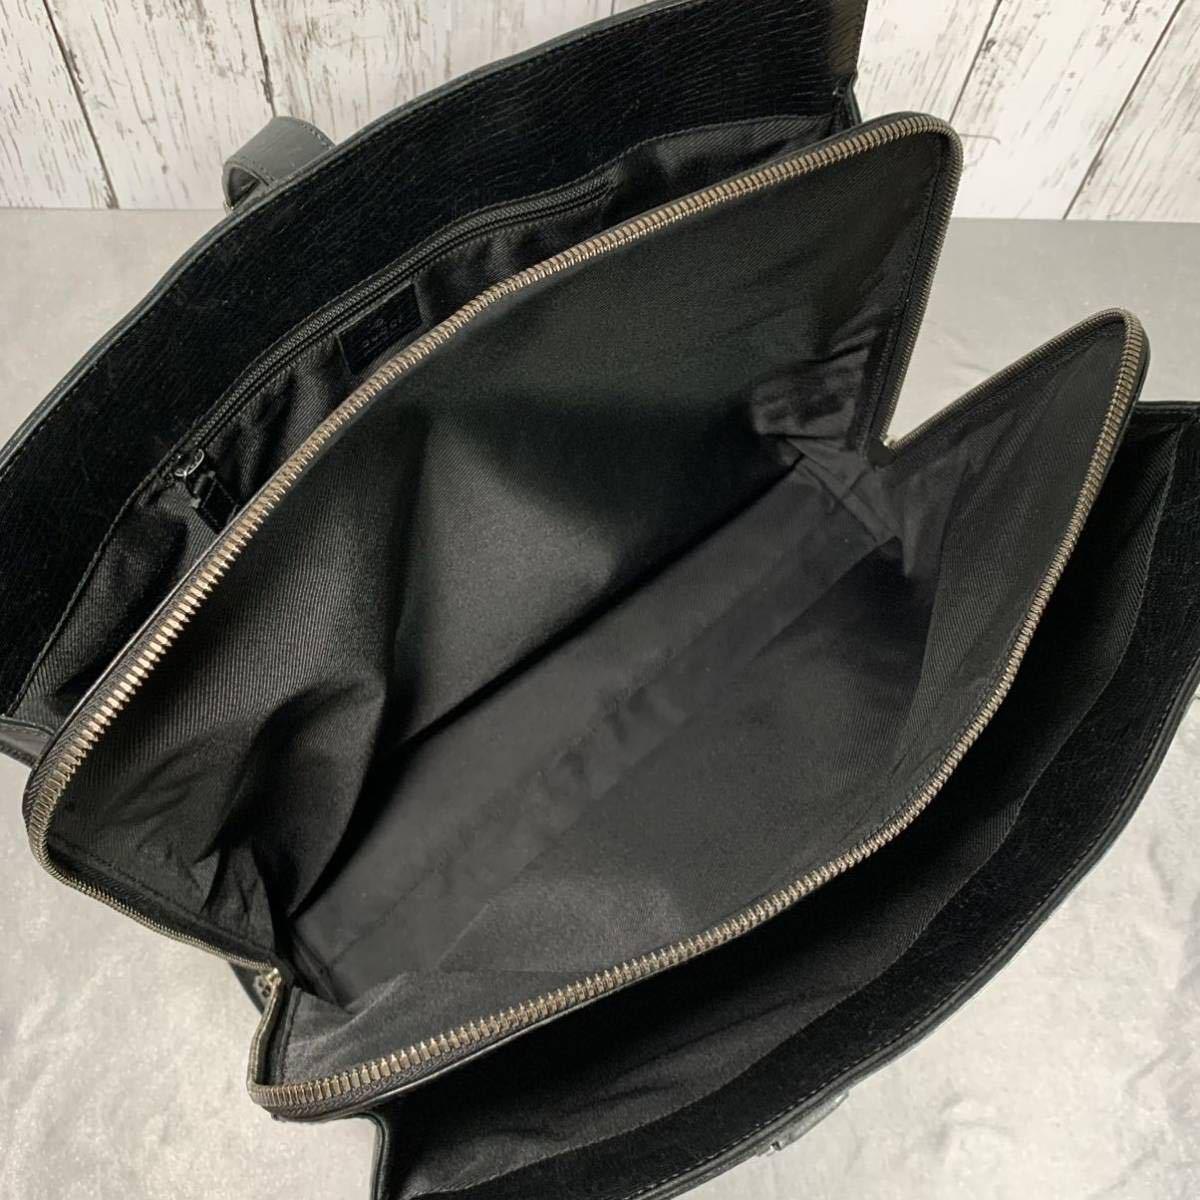 本物 超美品 グッチ 最高級グレインカーフレザー SVロック金具 メンズビジネスバッグ ブラック A4書類ブリーフケース トートバッグ GUCCI_画像8